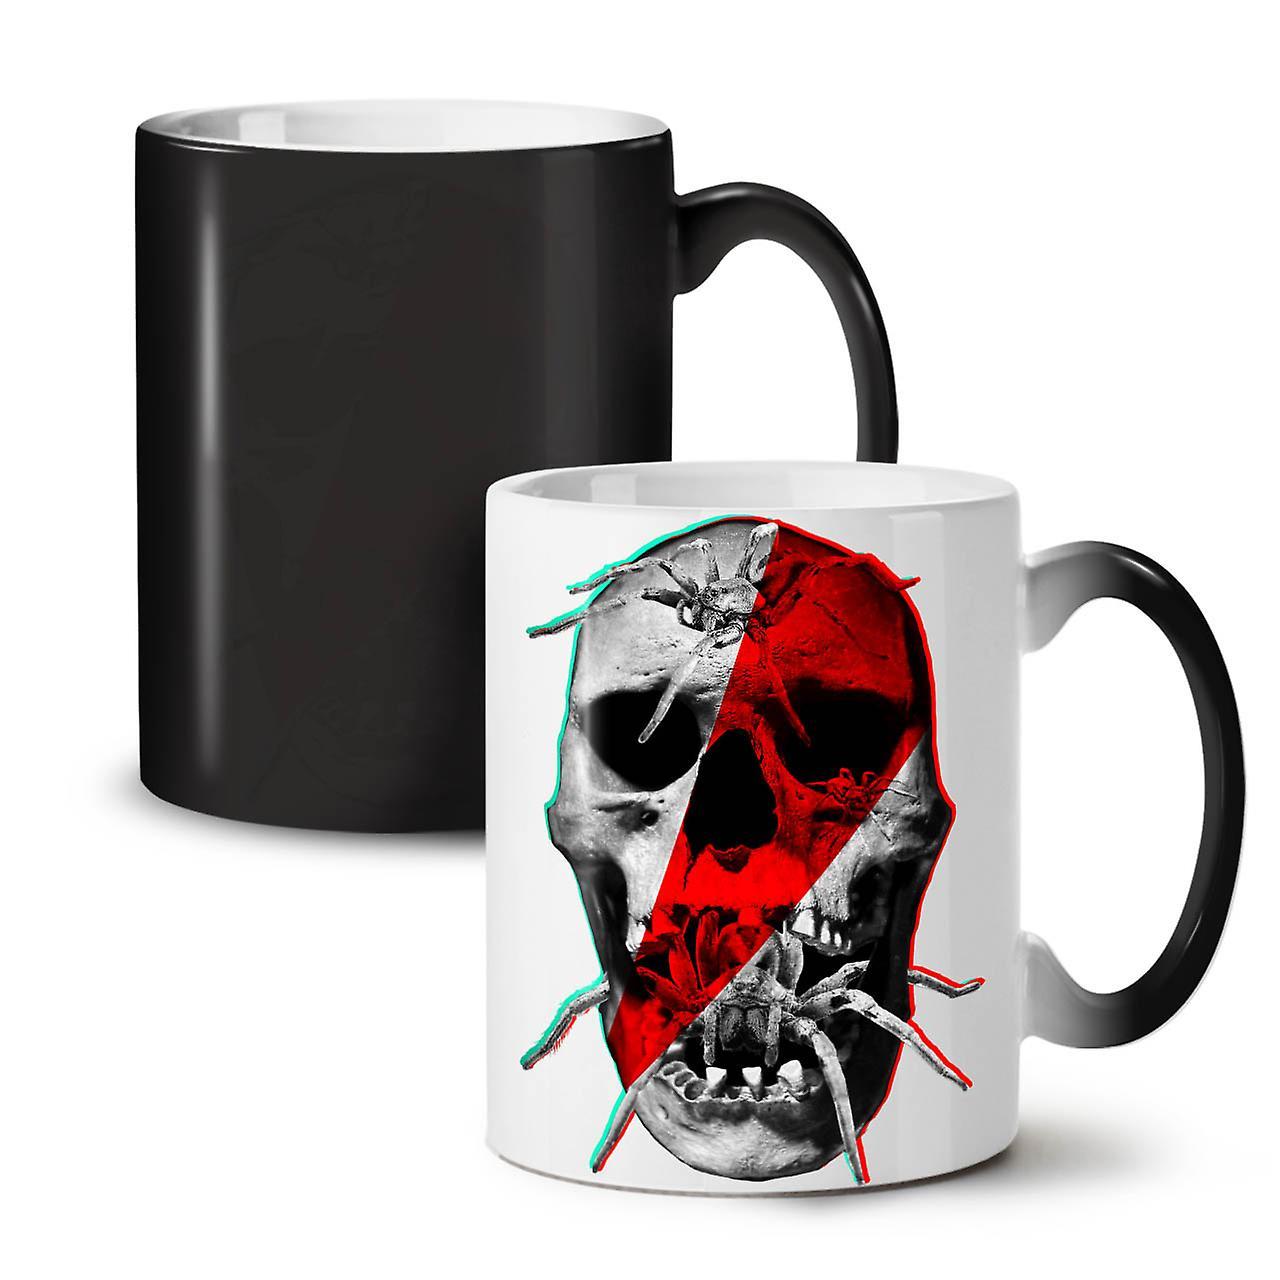 Tasse 11 Noir Thé Café Nouveau Changeant Céramique OzWellcoda Squelette Coloris Araignée Crâne xdCstQrh